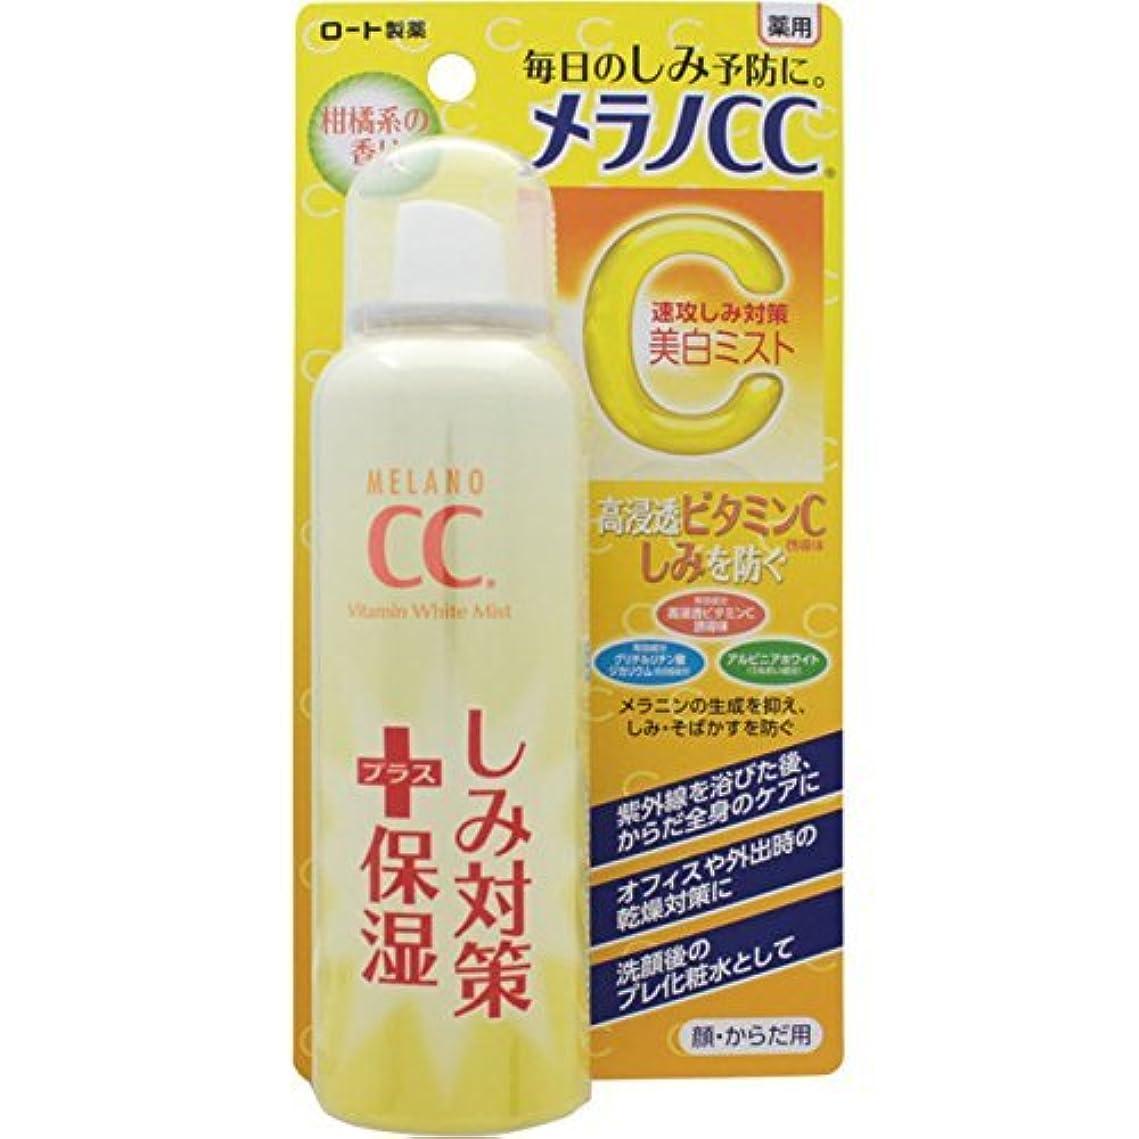 時独占存在するメラノCC 薬用しみ対策 美白ミスト化粧水 100g【医薬部外品】×36個(1ケース)